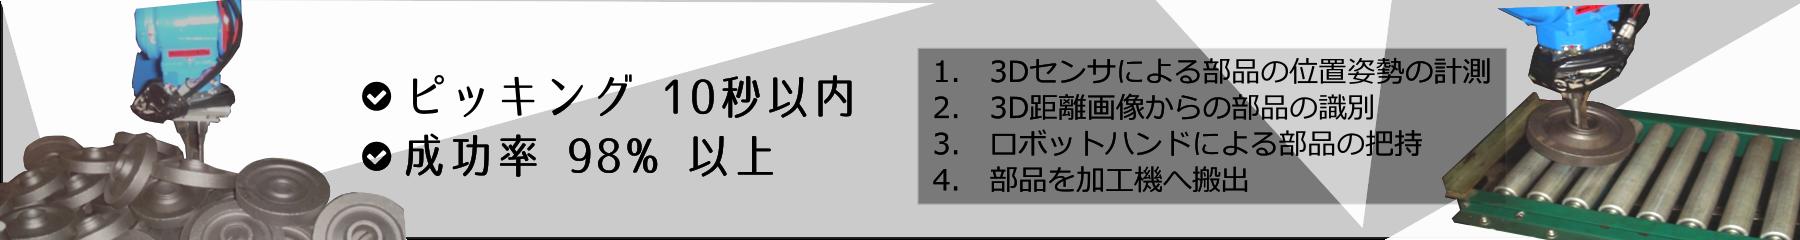 バラ積み部品のピッキングロボットシステム(ピッキング 10秒以内、成功率 98 % 以上)